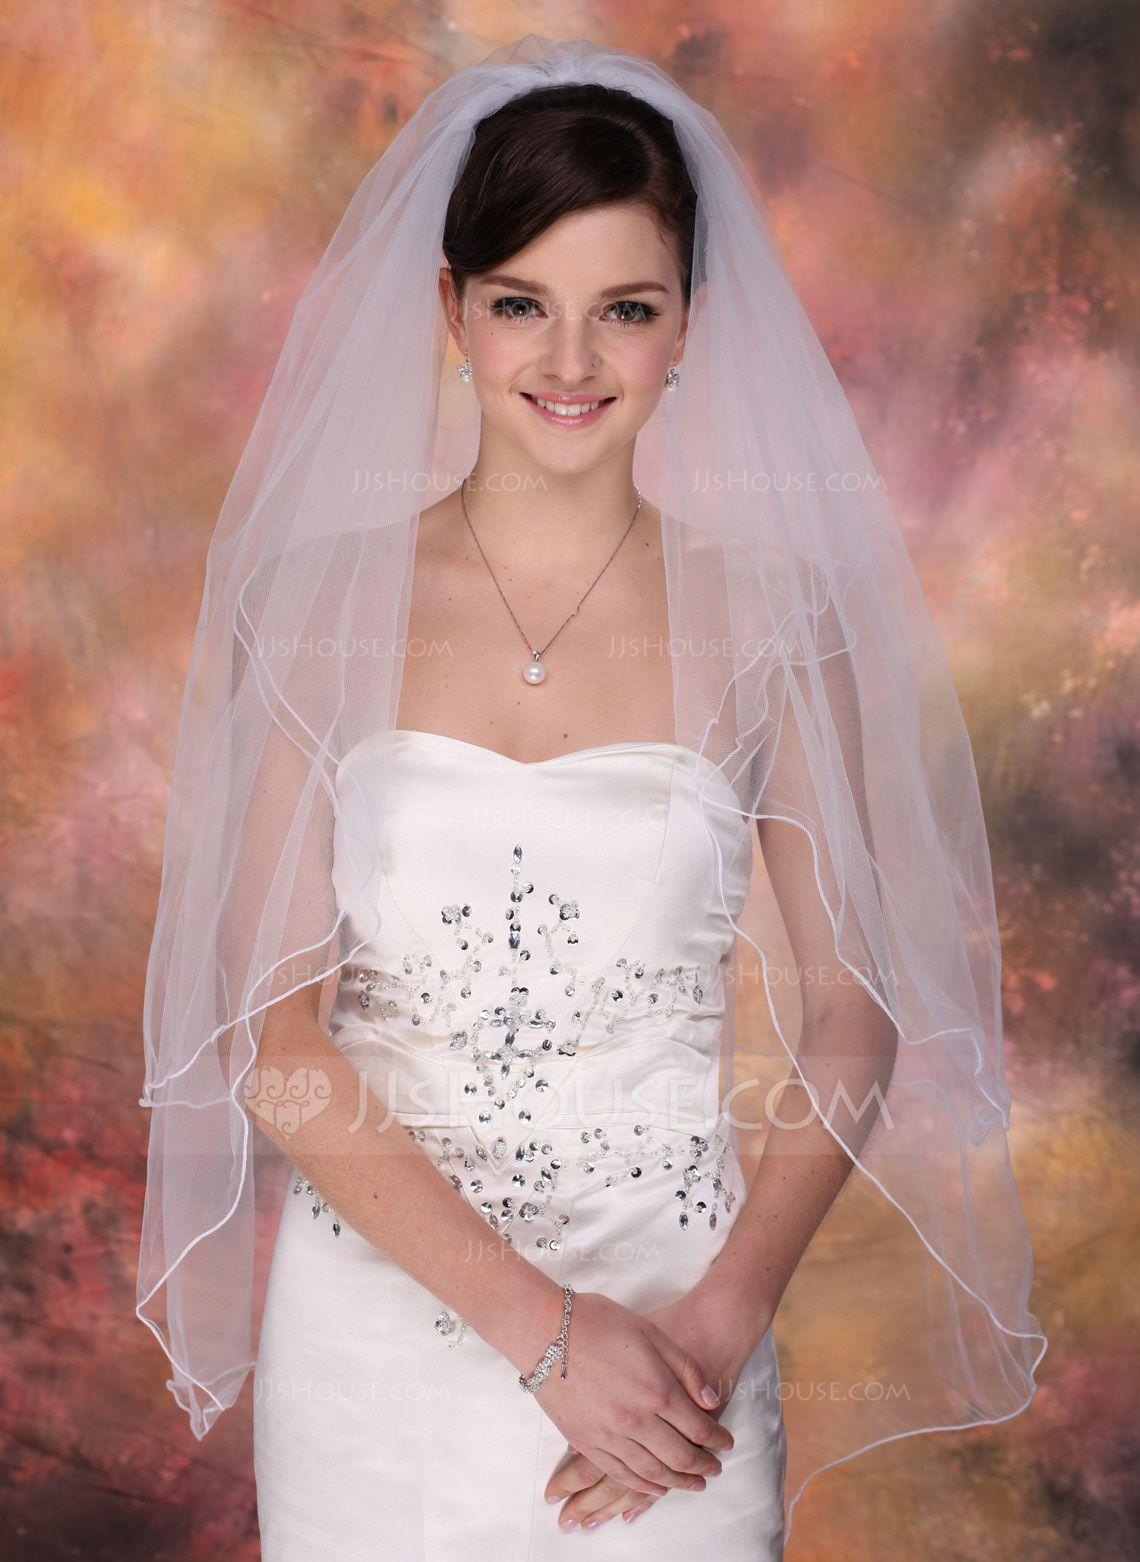 Twotier fingertip bridal veils with pencil edge